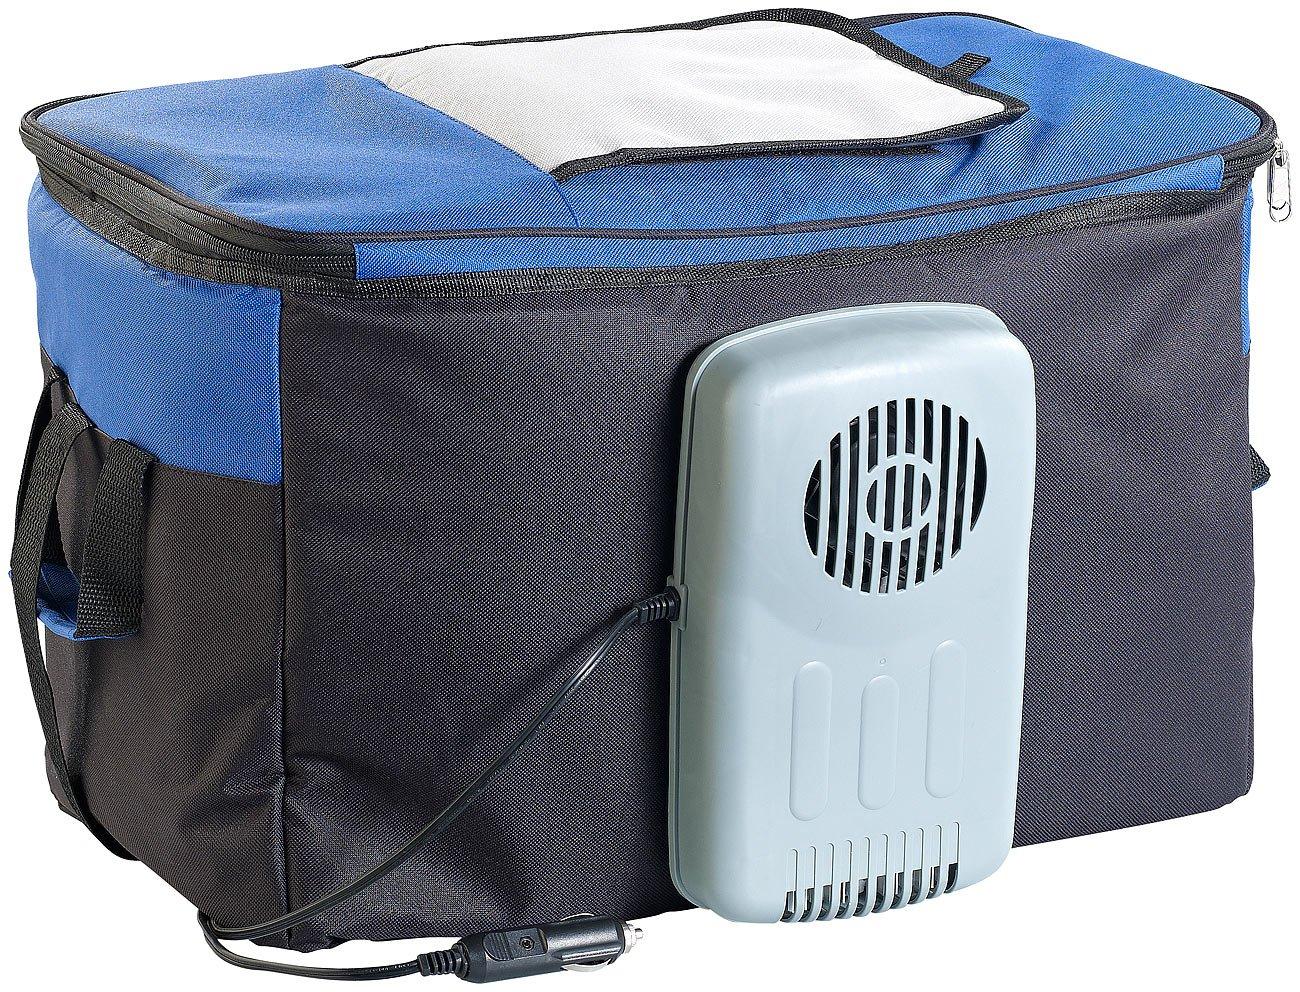 Xcase 12 Volt Kühltasche: Elektrische 12-V-Thermo-Kühltasche, 38 l (kuhltasche Auto 12V)